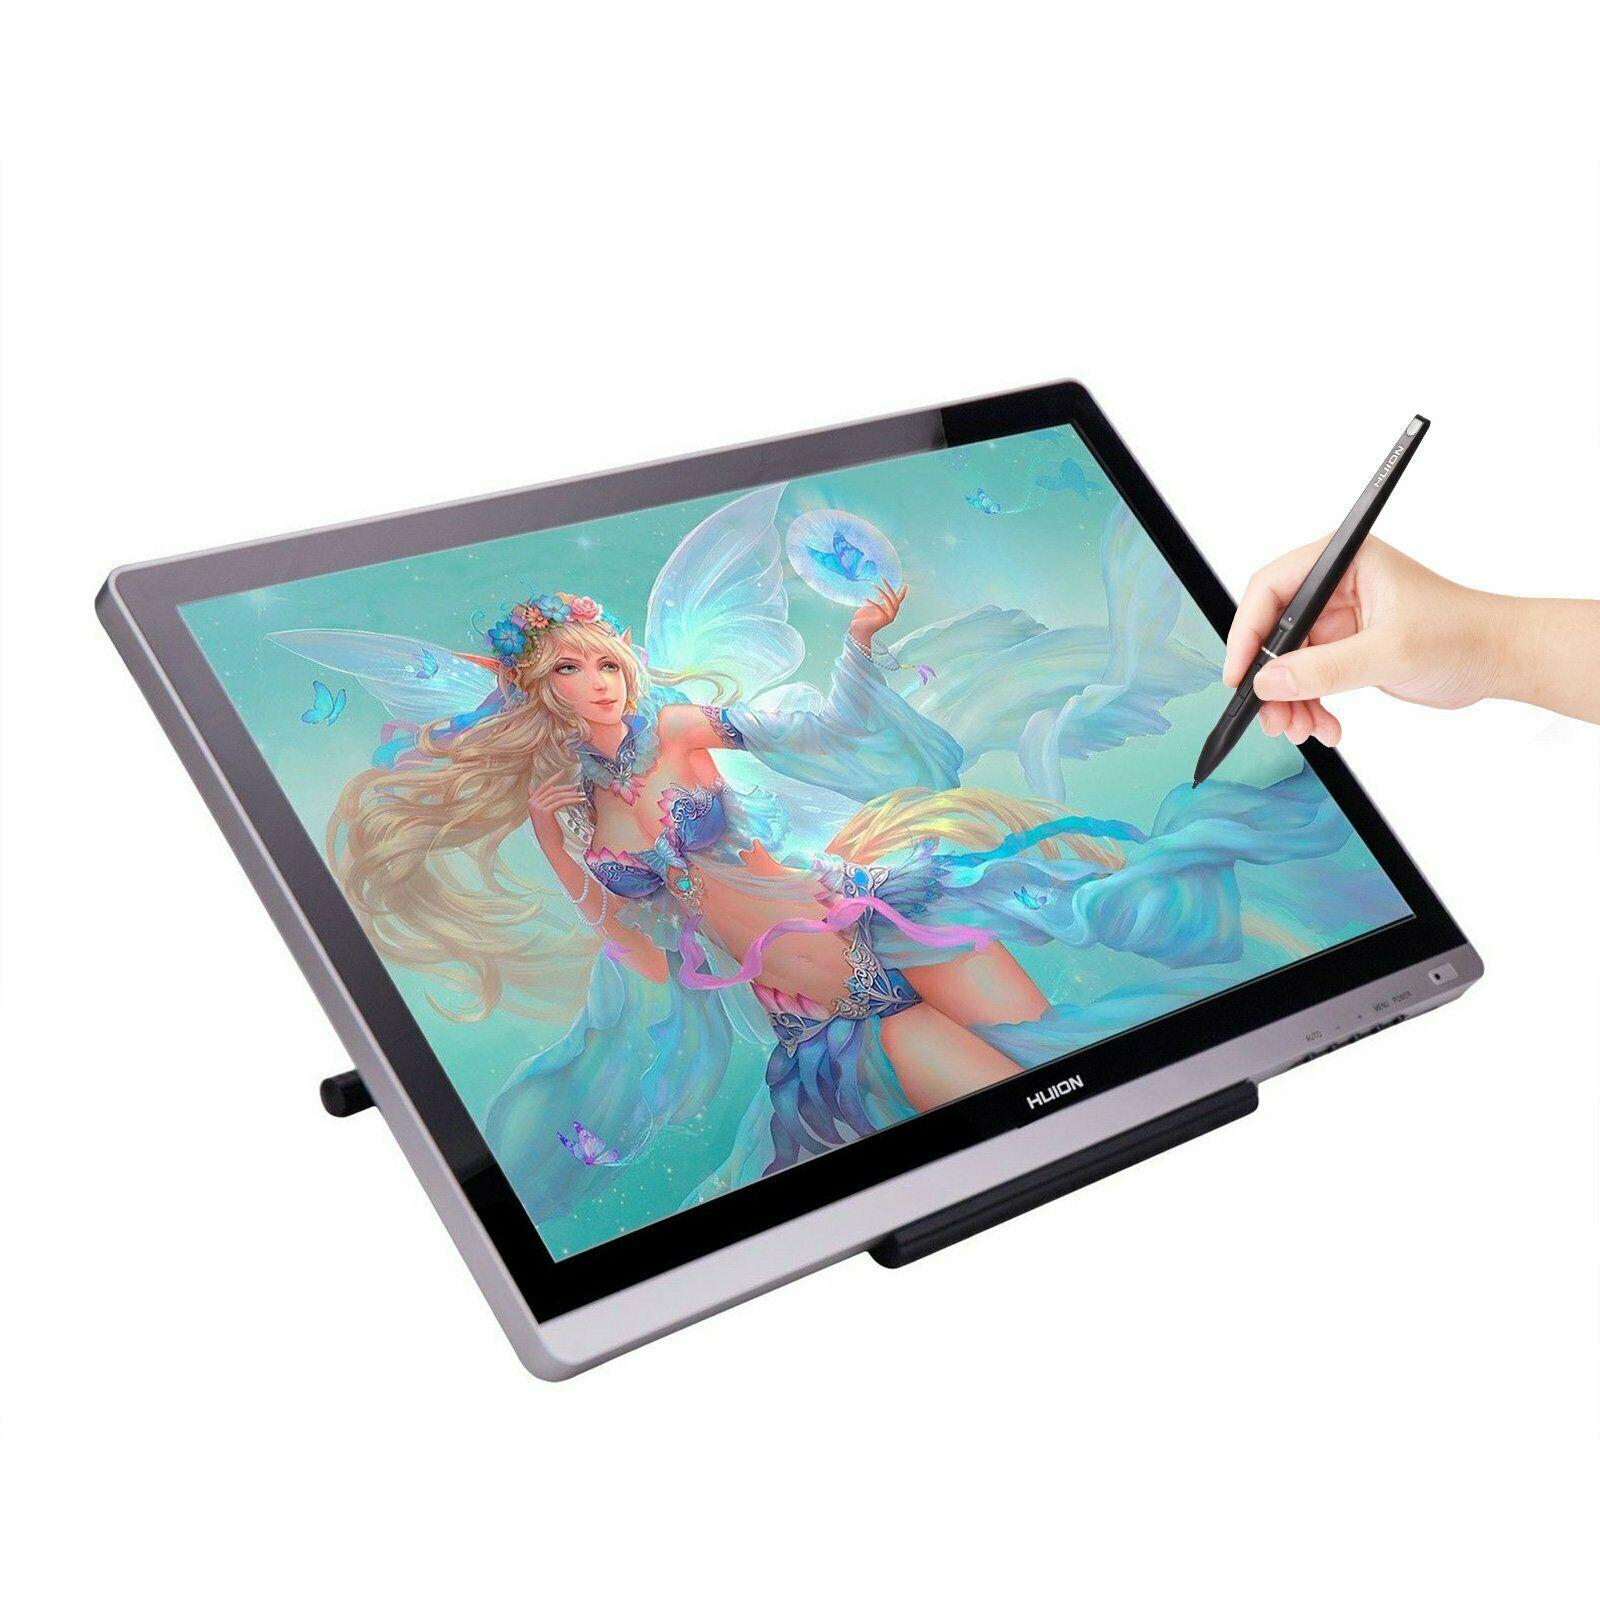 Huion GT220 v2 tablette graphique moniteur de dessin professionnel 21.5